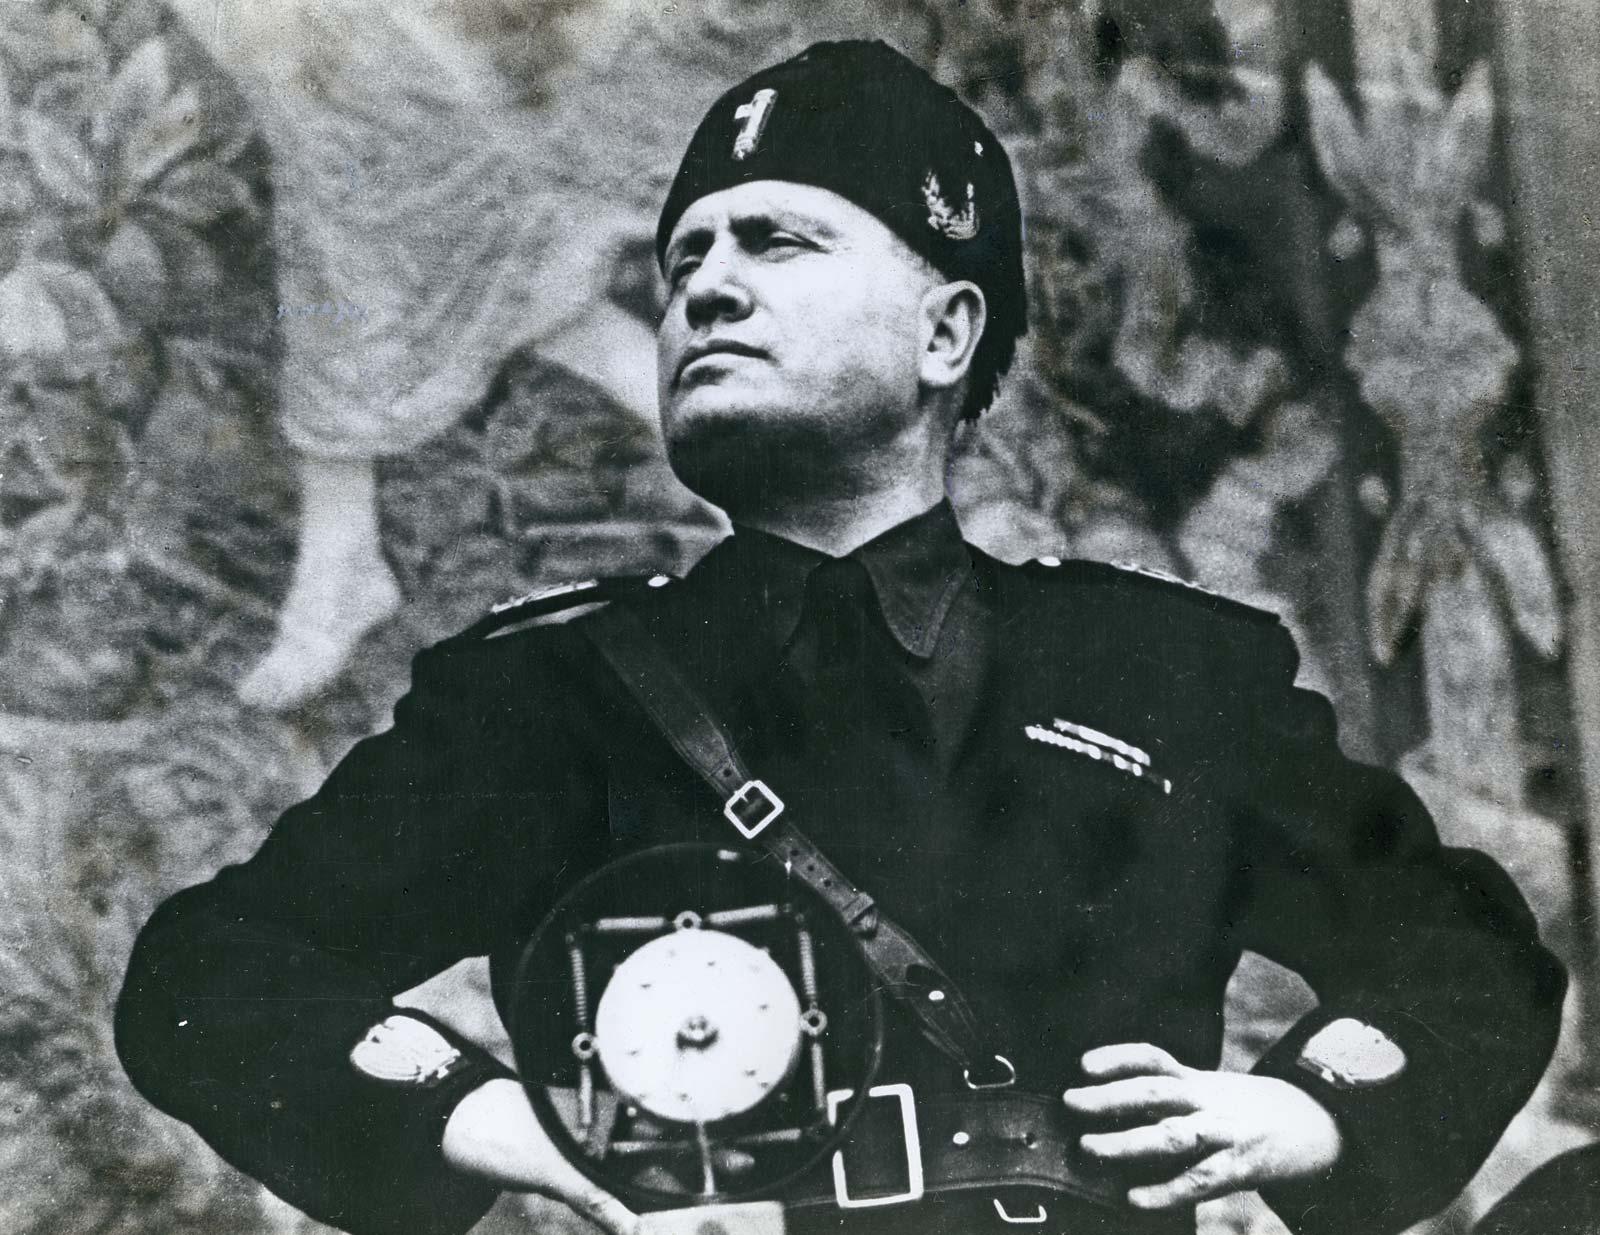 Britannica-Benito Mussolini